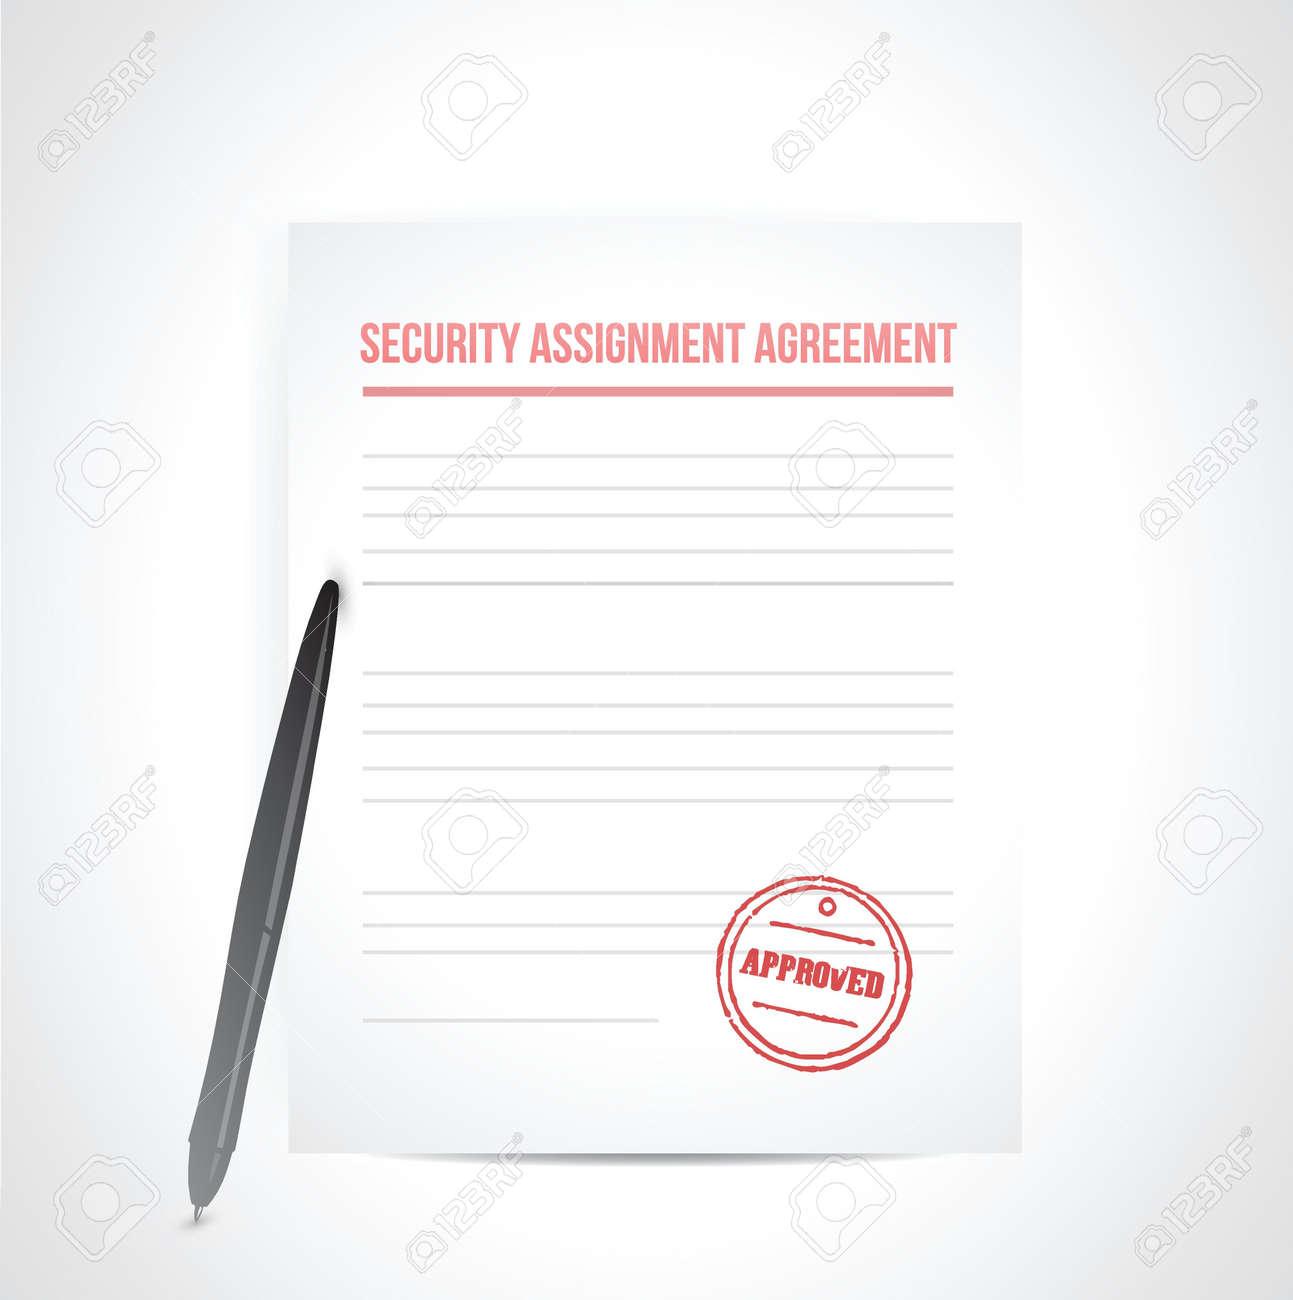 Sicherheit Abtretungsvertrag Illustration, Design In Weiß Lizenzfrei ...